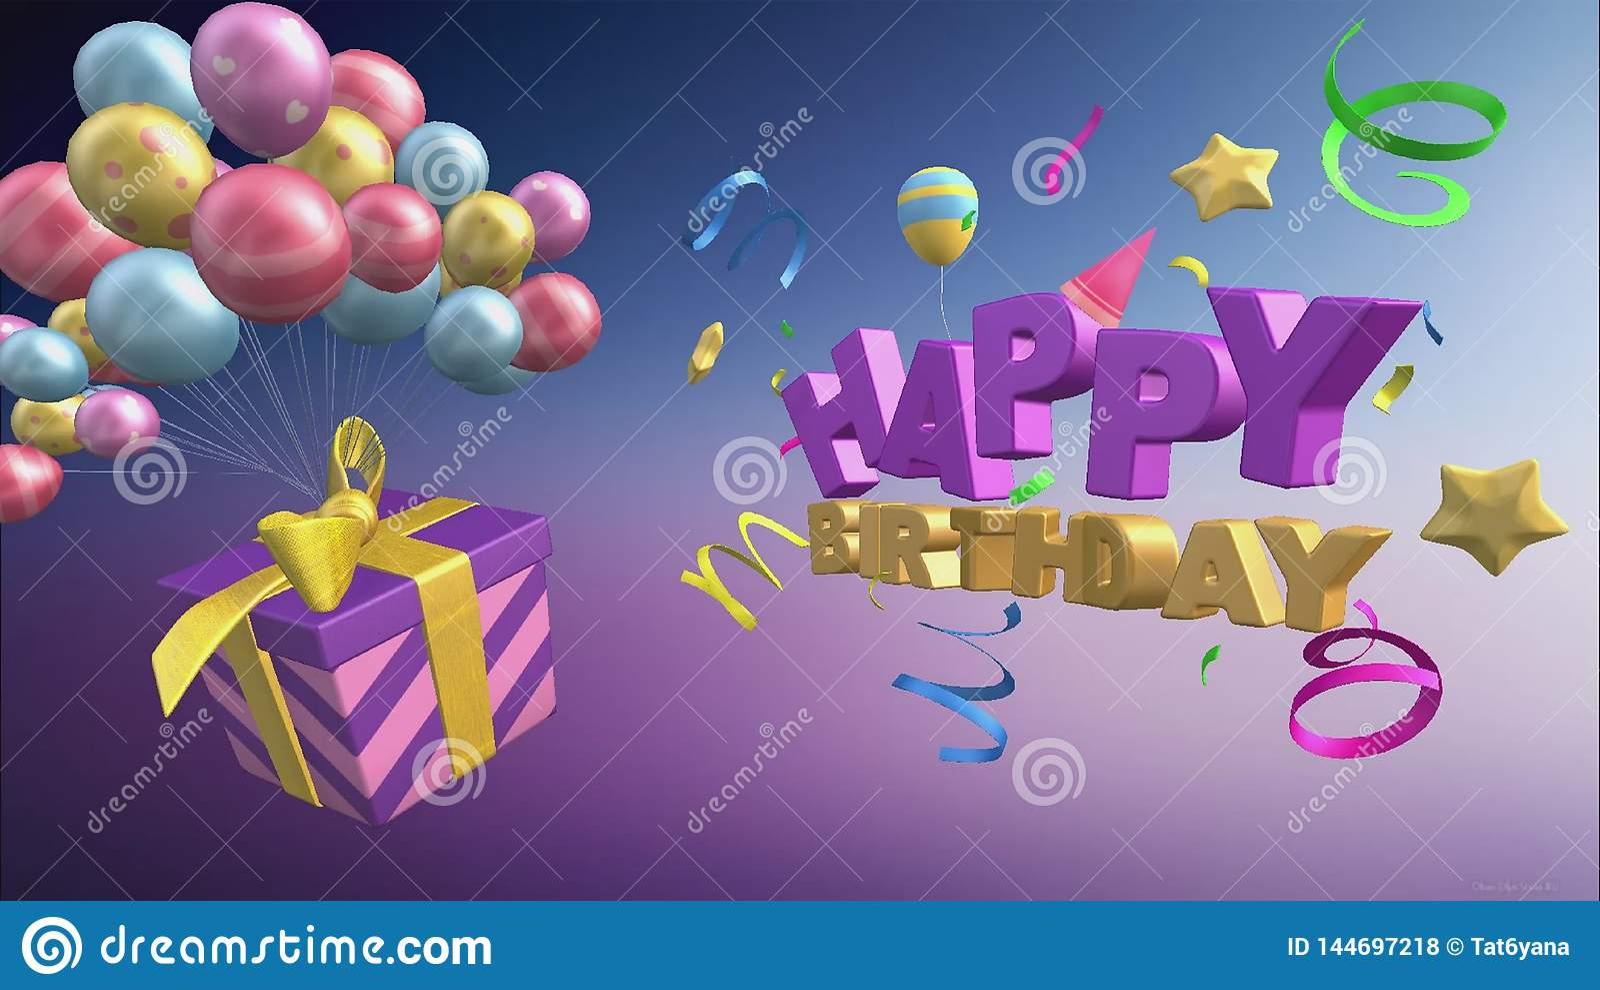 Χρόνια πολλά χαιρετώντας με τα μπαλόνια και τα δώρα με το τρισδιάστατο